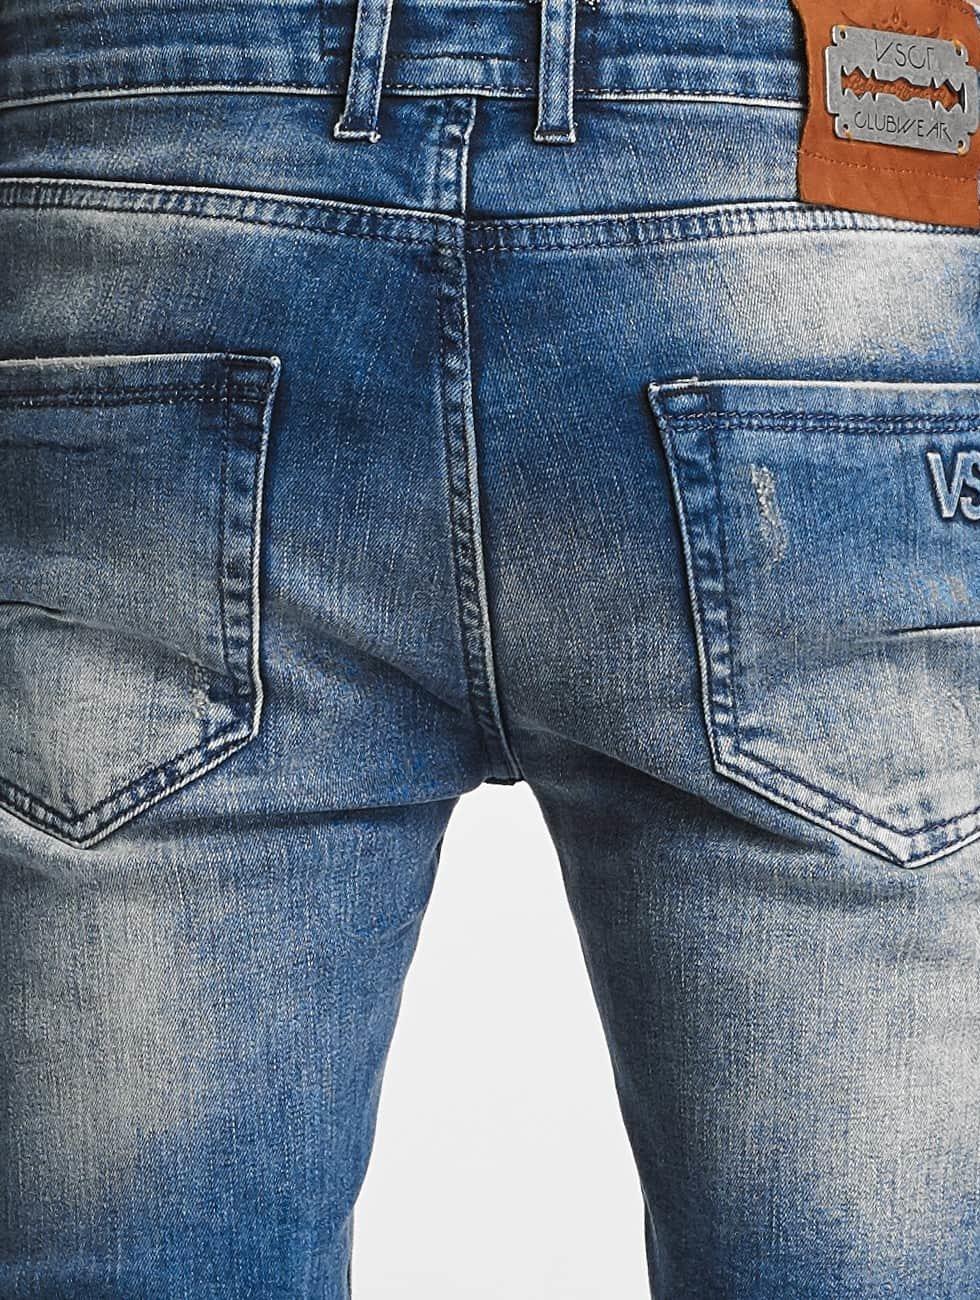 VSCT Clubwear dżinsy przylegające Maurice niebieski